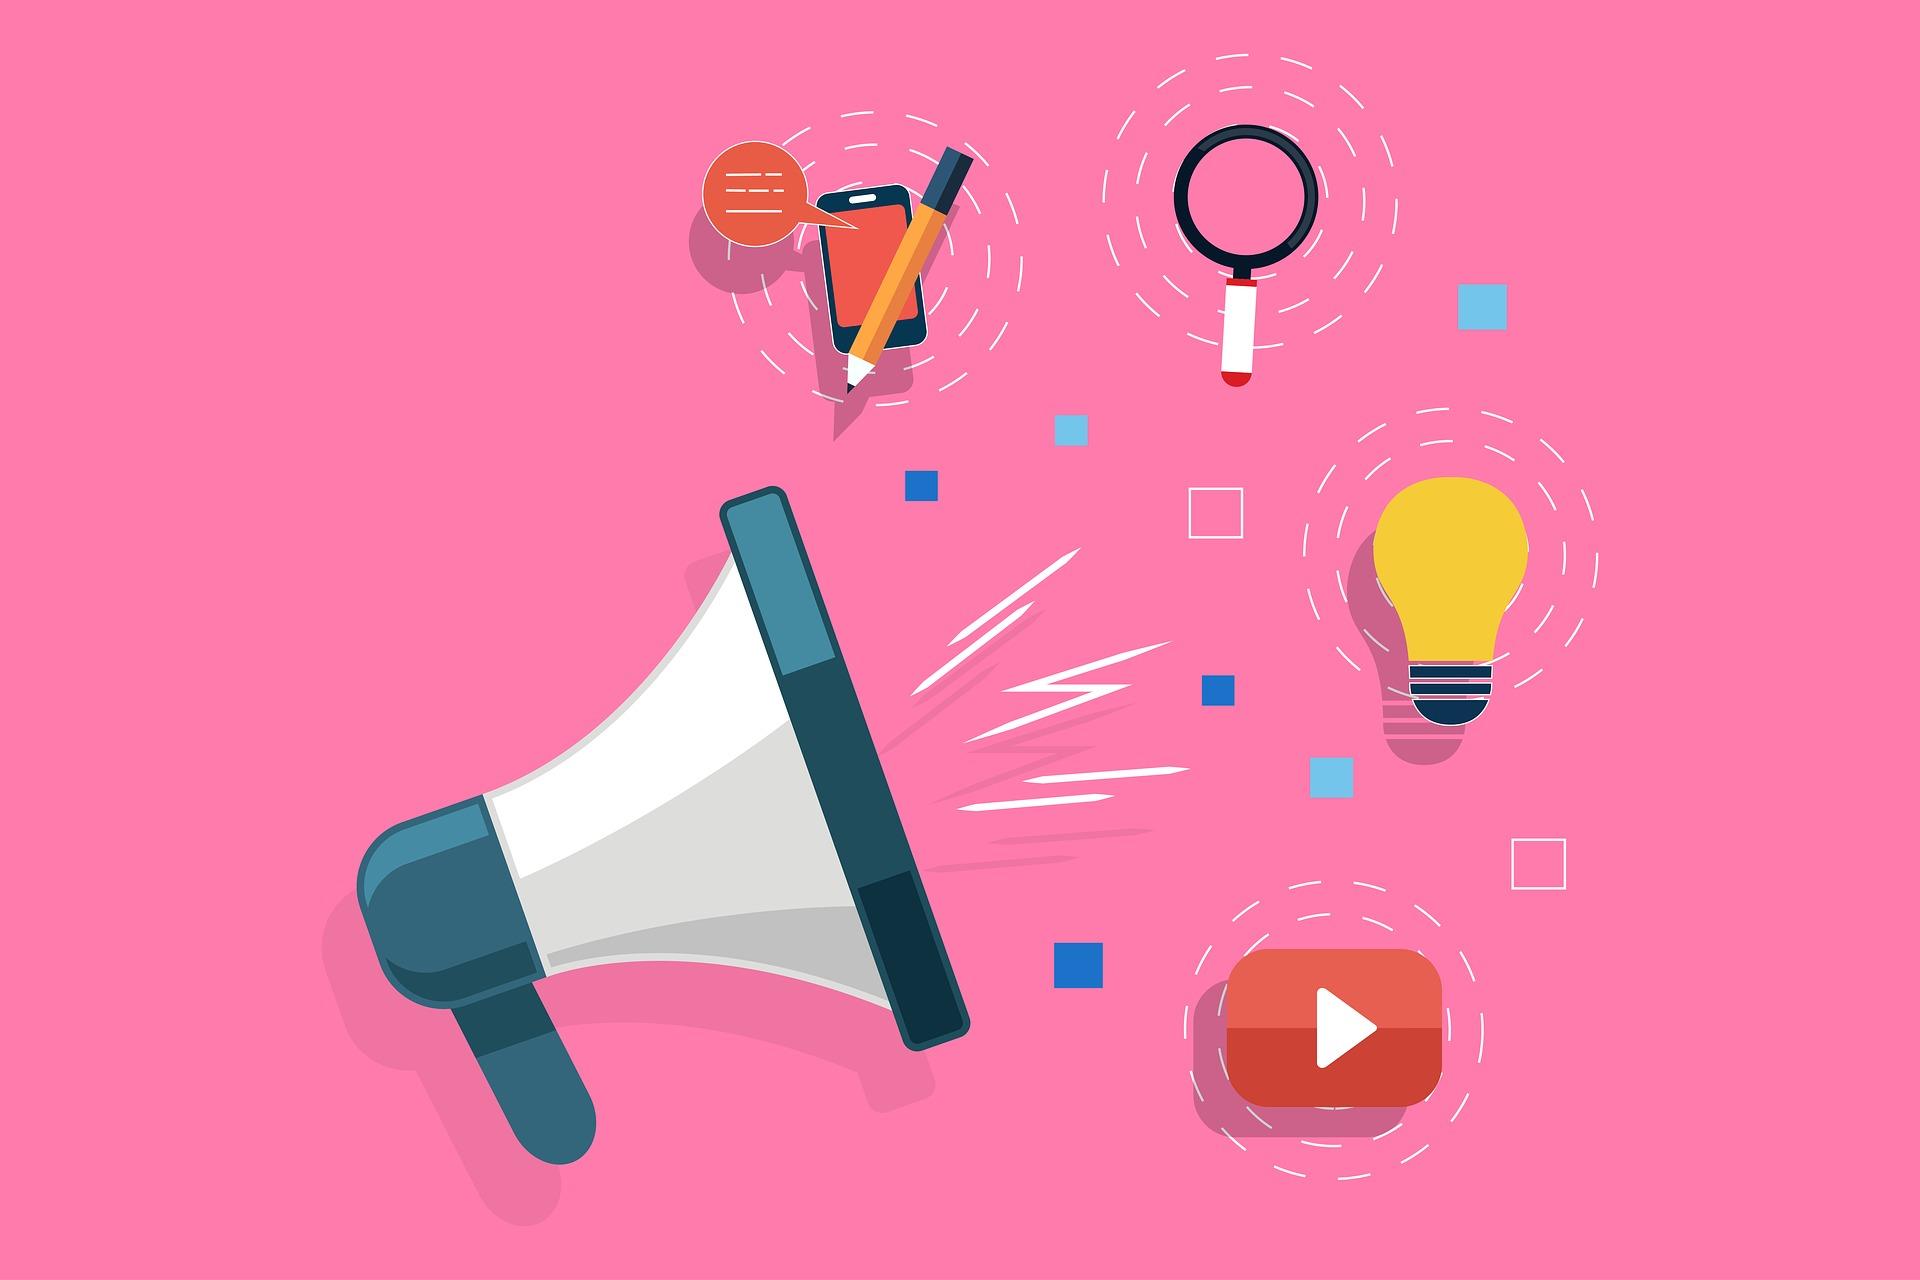 firma w social mediach jak dopasować kanał komunikacji do rodzaju biznesu